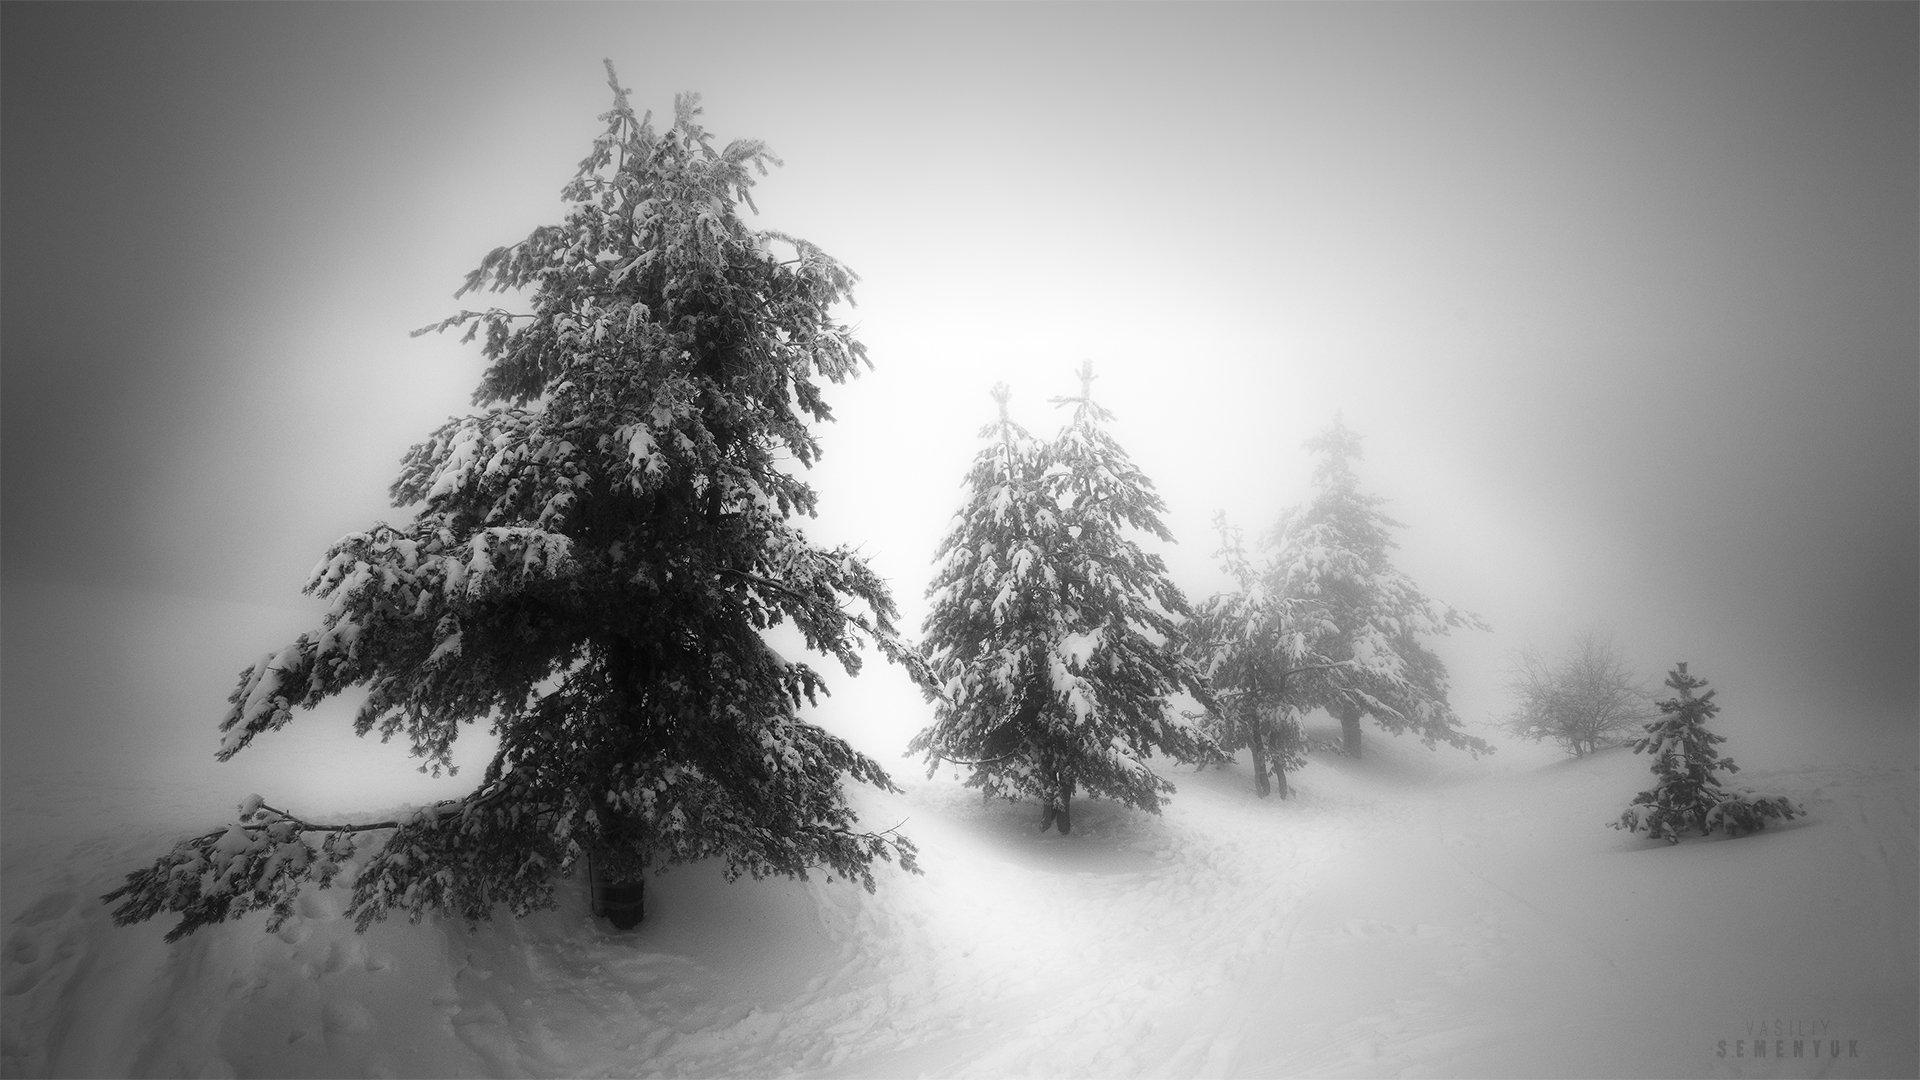 крым, ай-петри, сосны, снег, метель, мороз, деревья, минимализм, ч/б, landscape, blizzard, trees, minimalism, b/w., Семенюк Василий